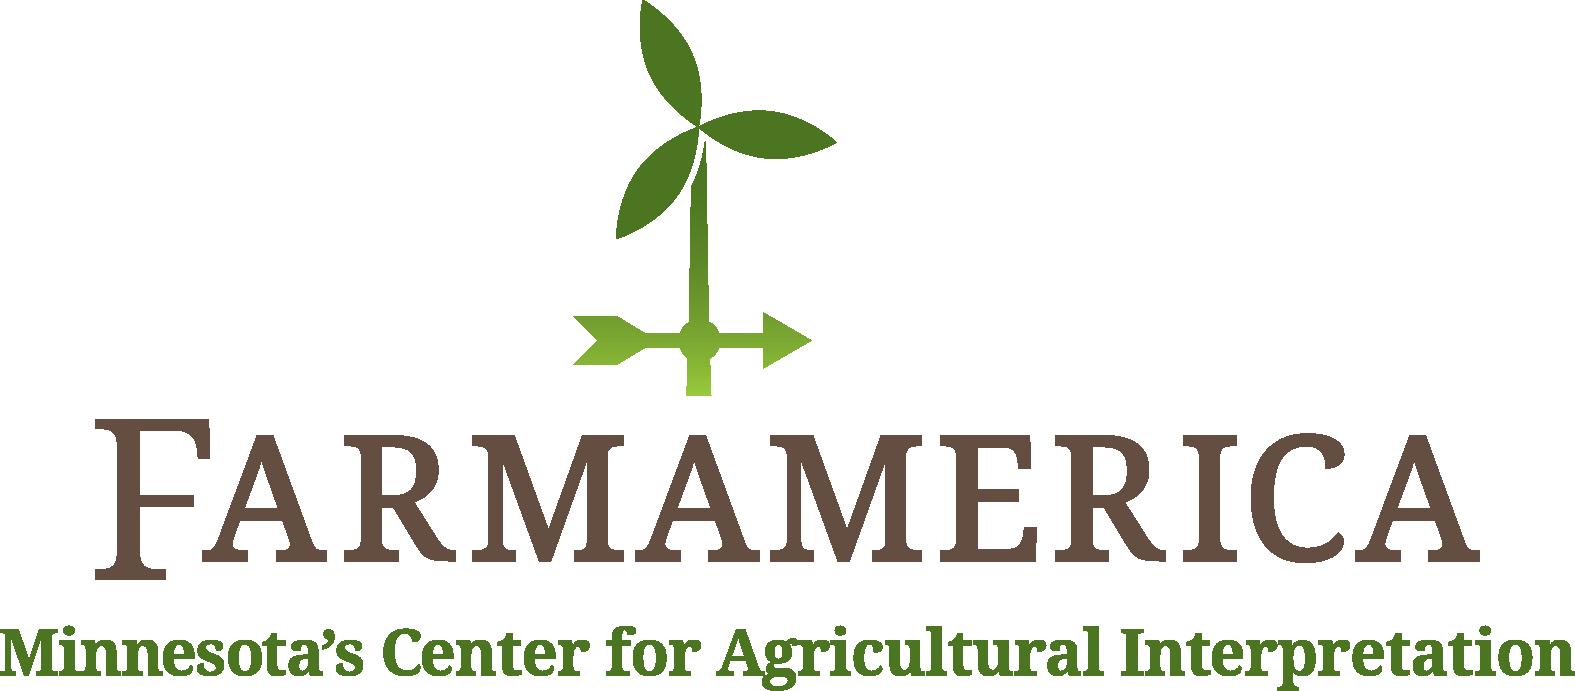 Farmamerica V-PRIMARY COLOR.png